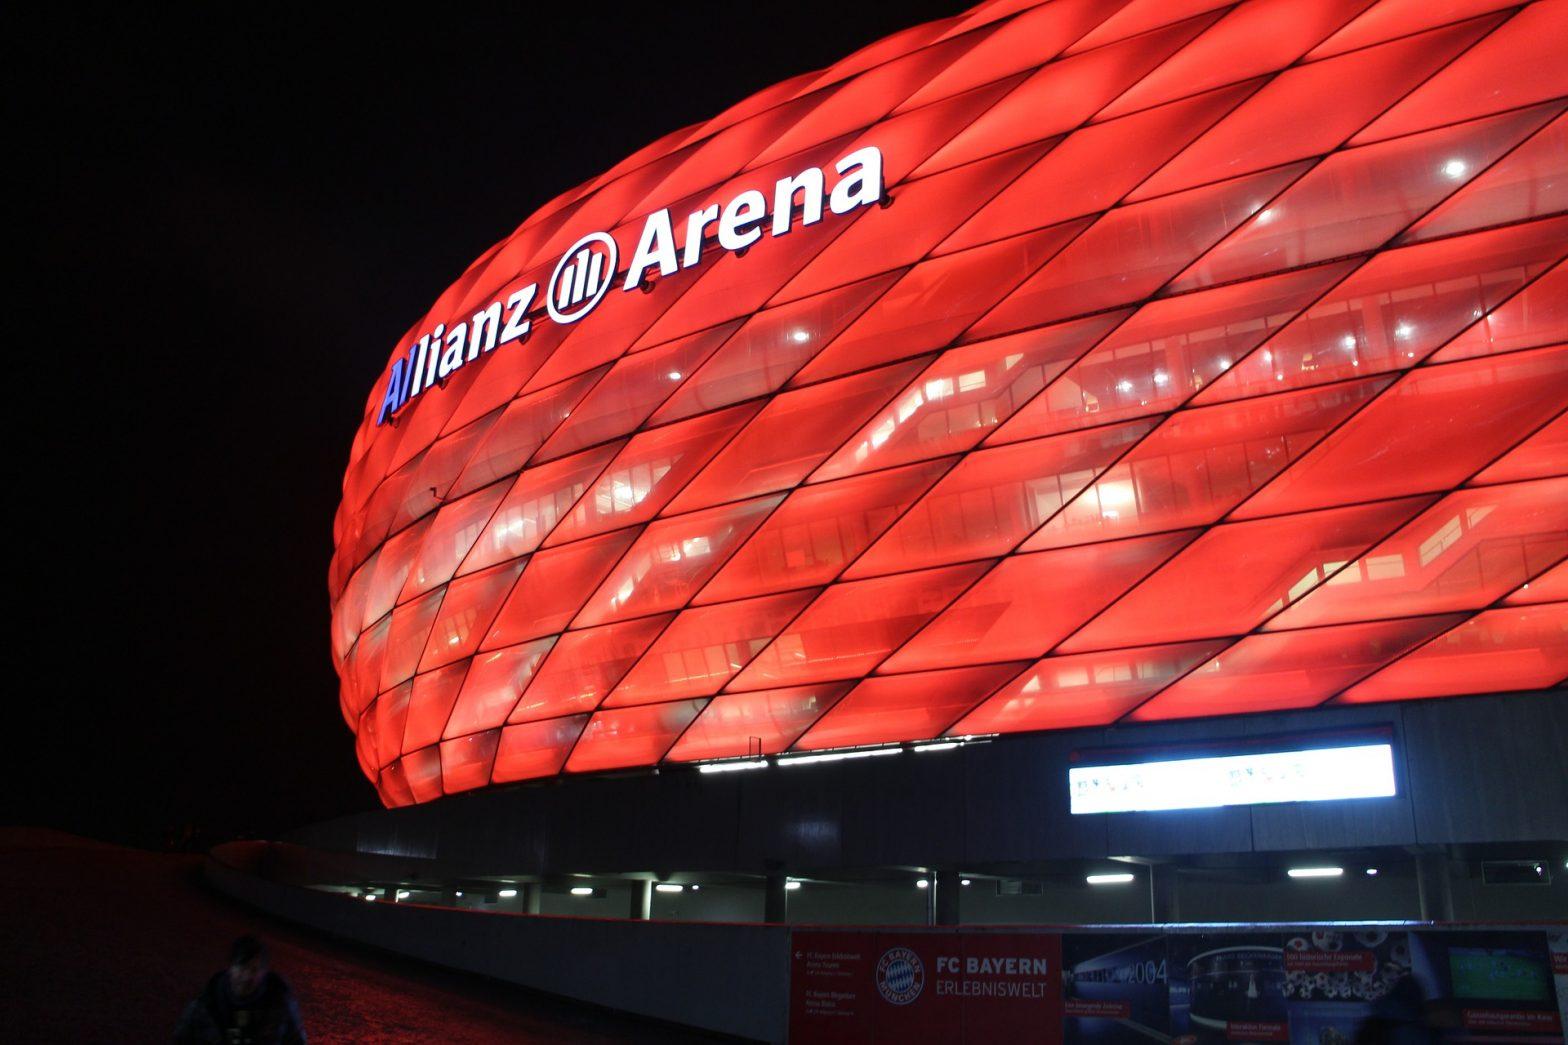 https://pixabay.com/de/arena-stadion-rot-allianz-1181668/